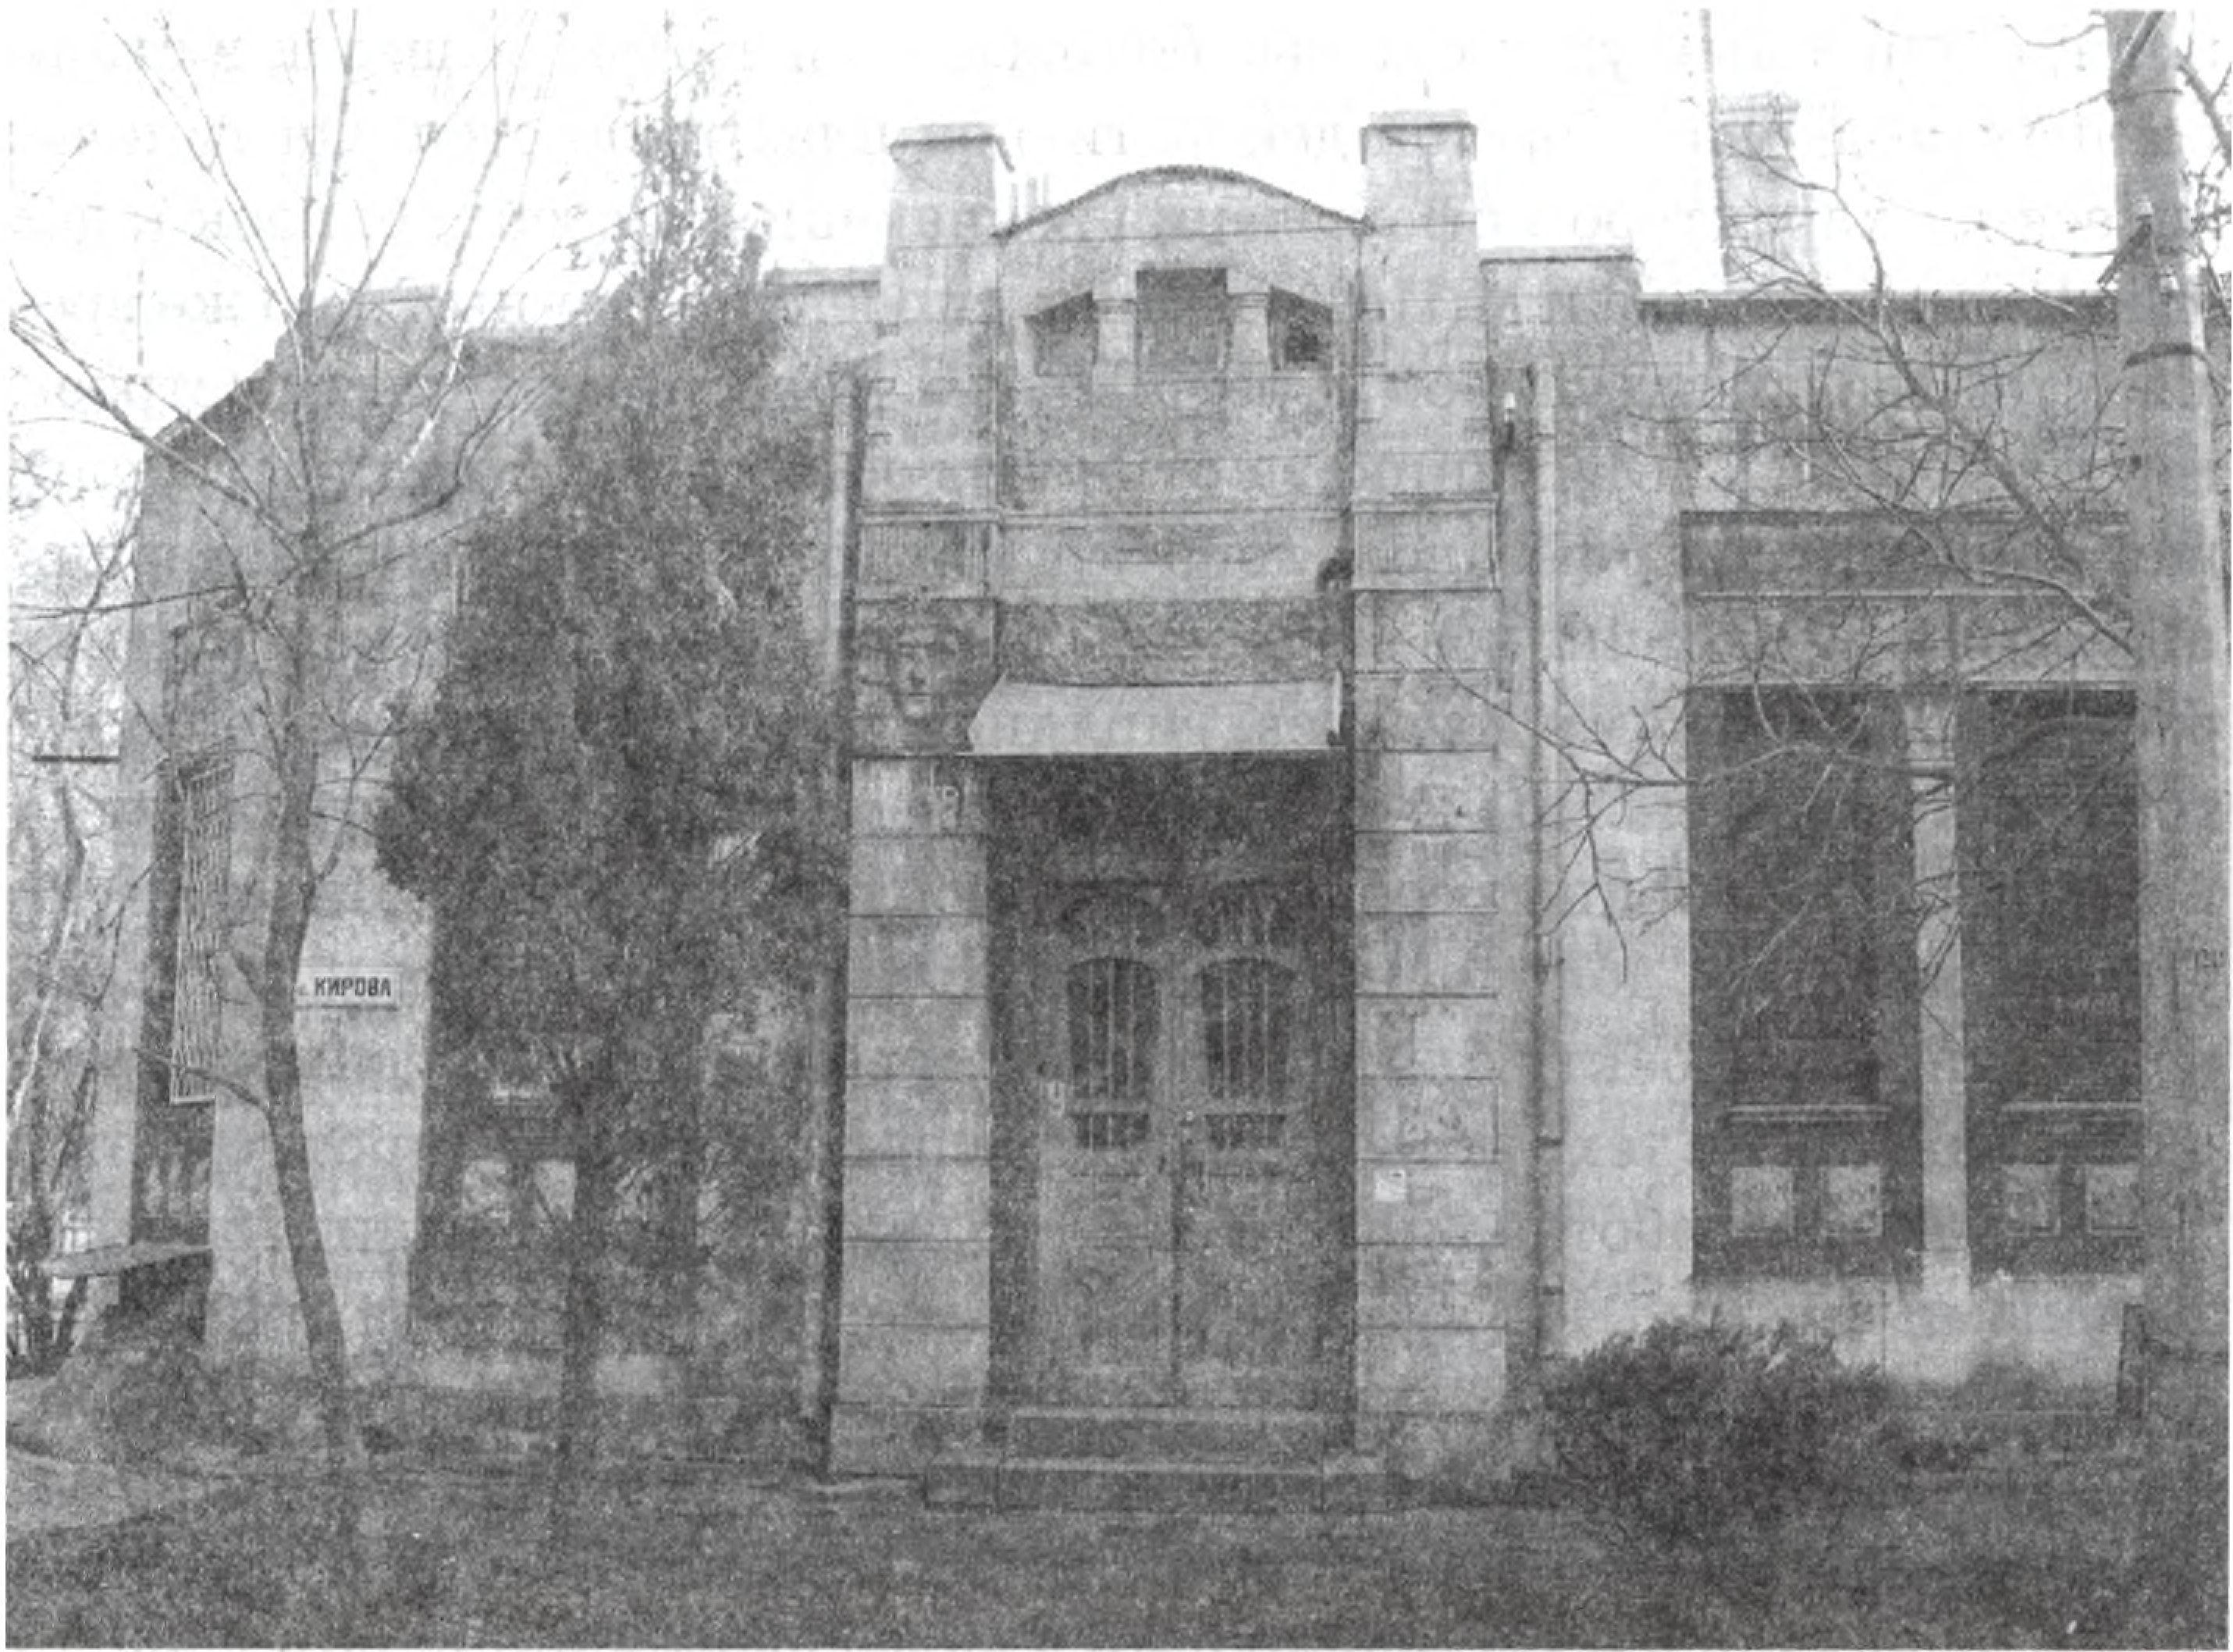 Дом архитектора А.Л. Генриха. Северный фасад. Фото В.М. Заскоки